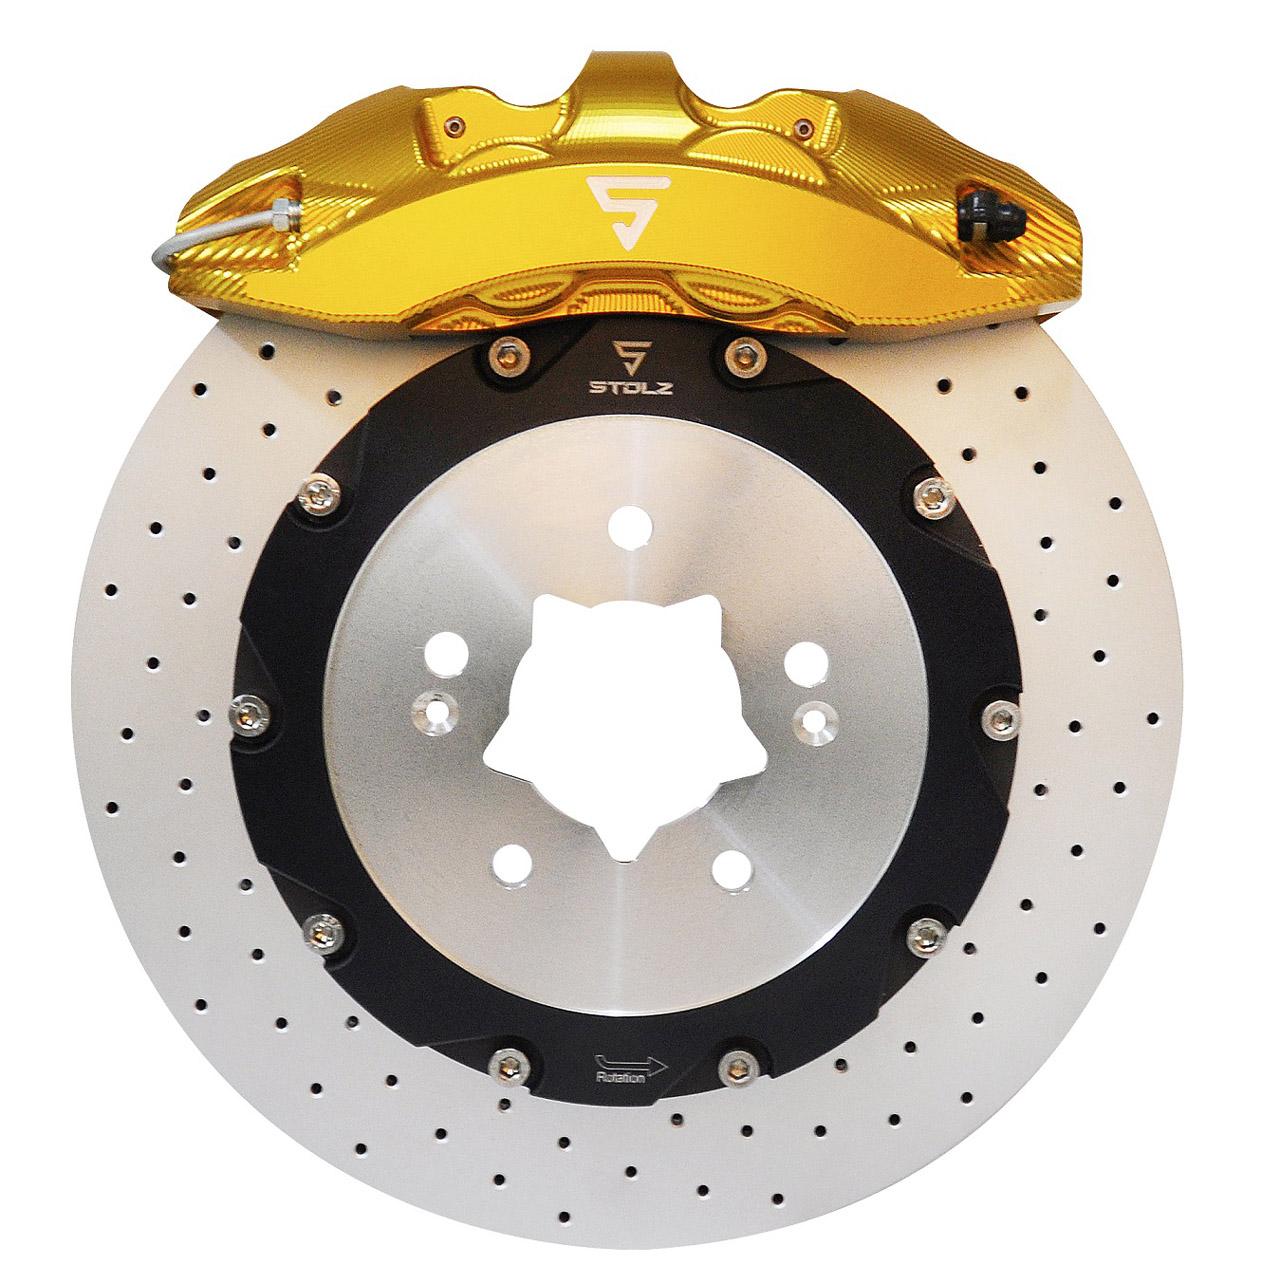 스톨츠 - 알루미늄 소재 적용 브레이크 시스템